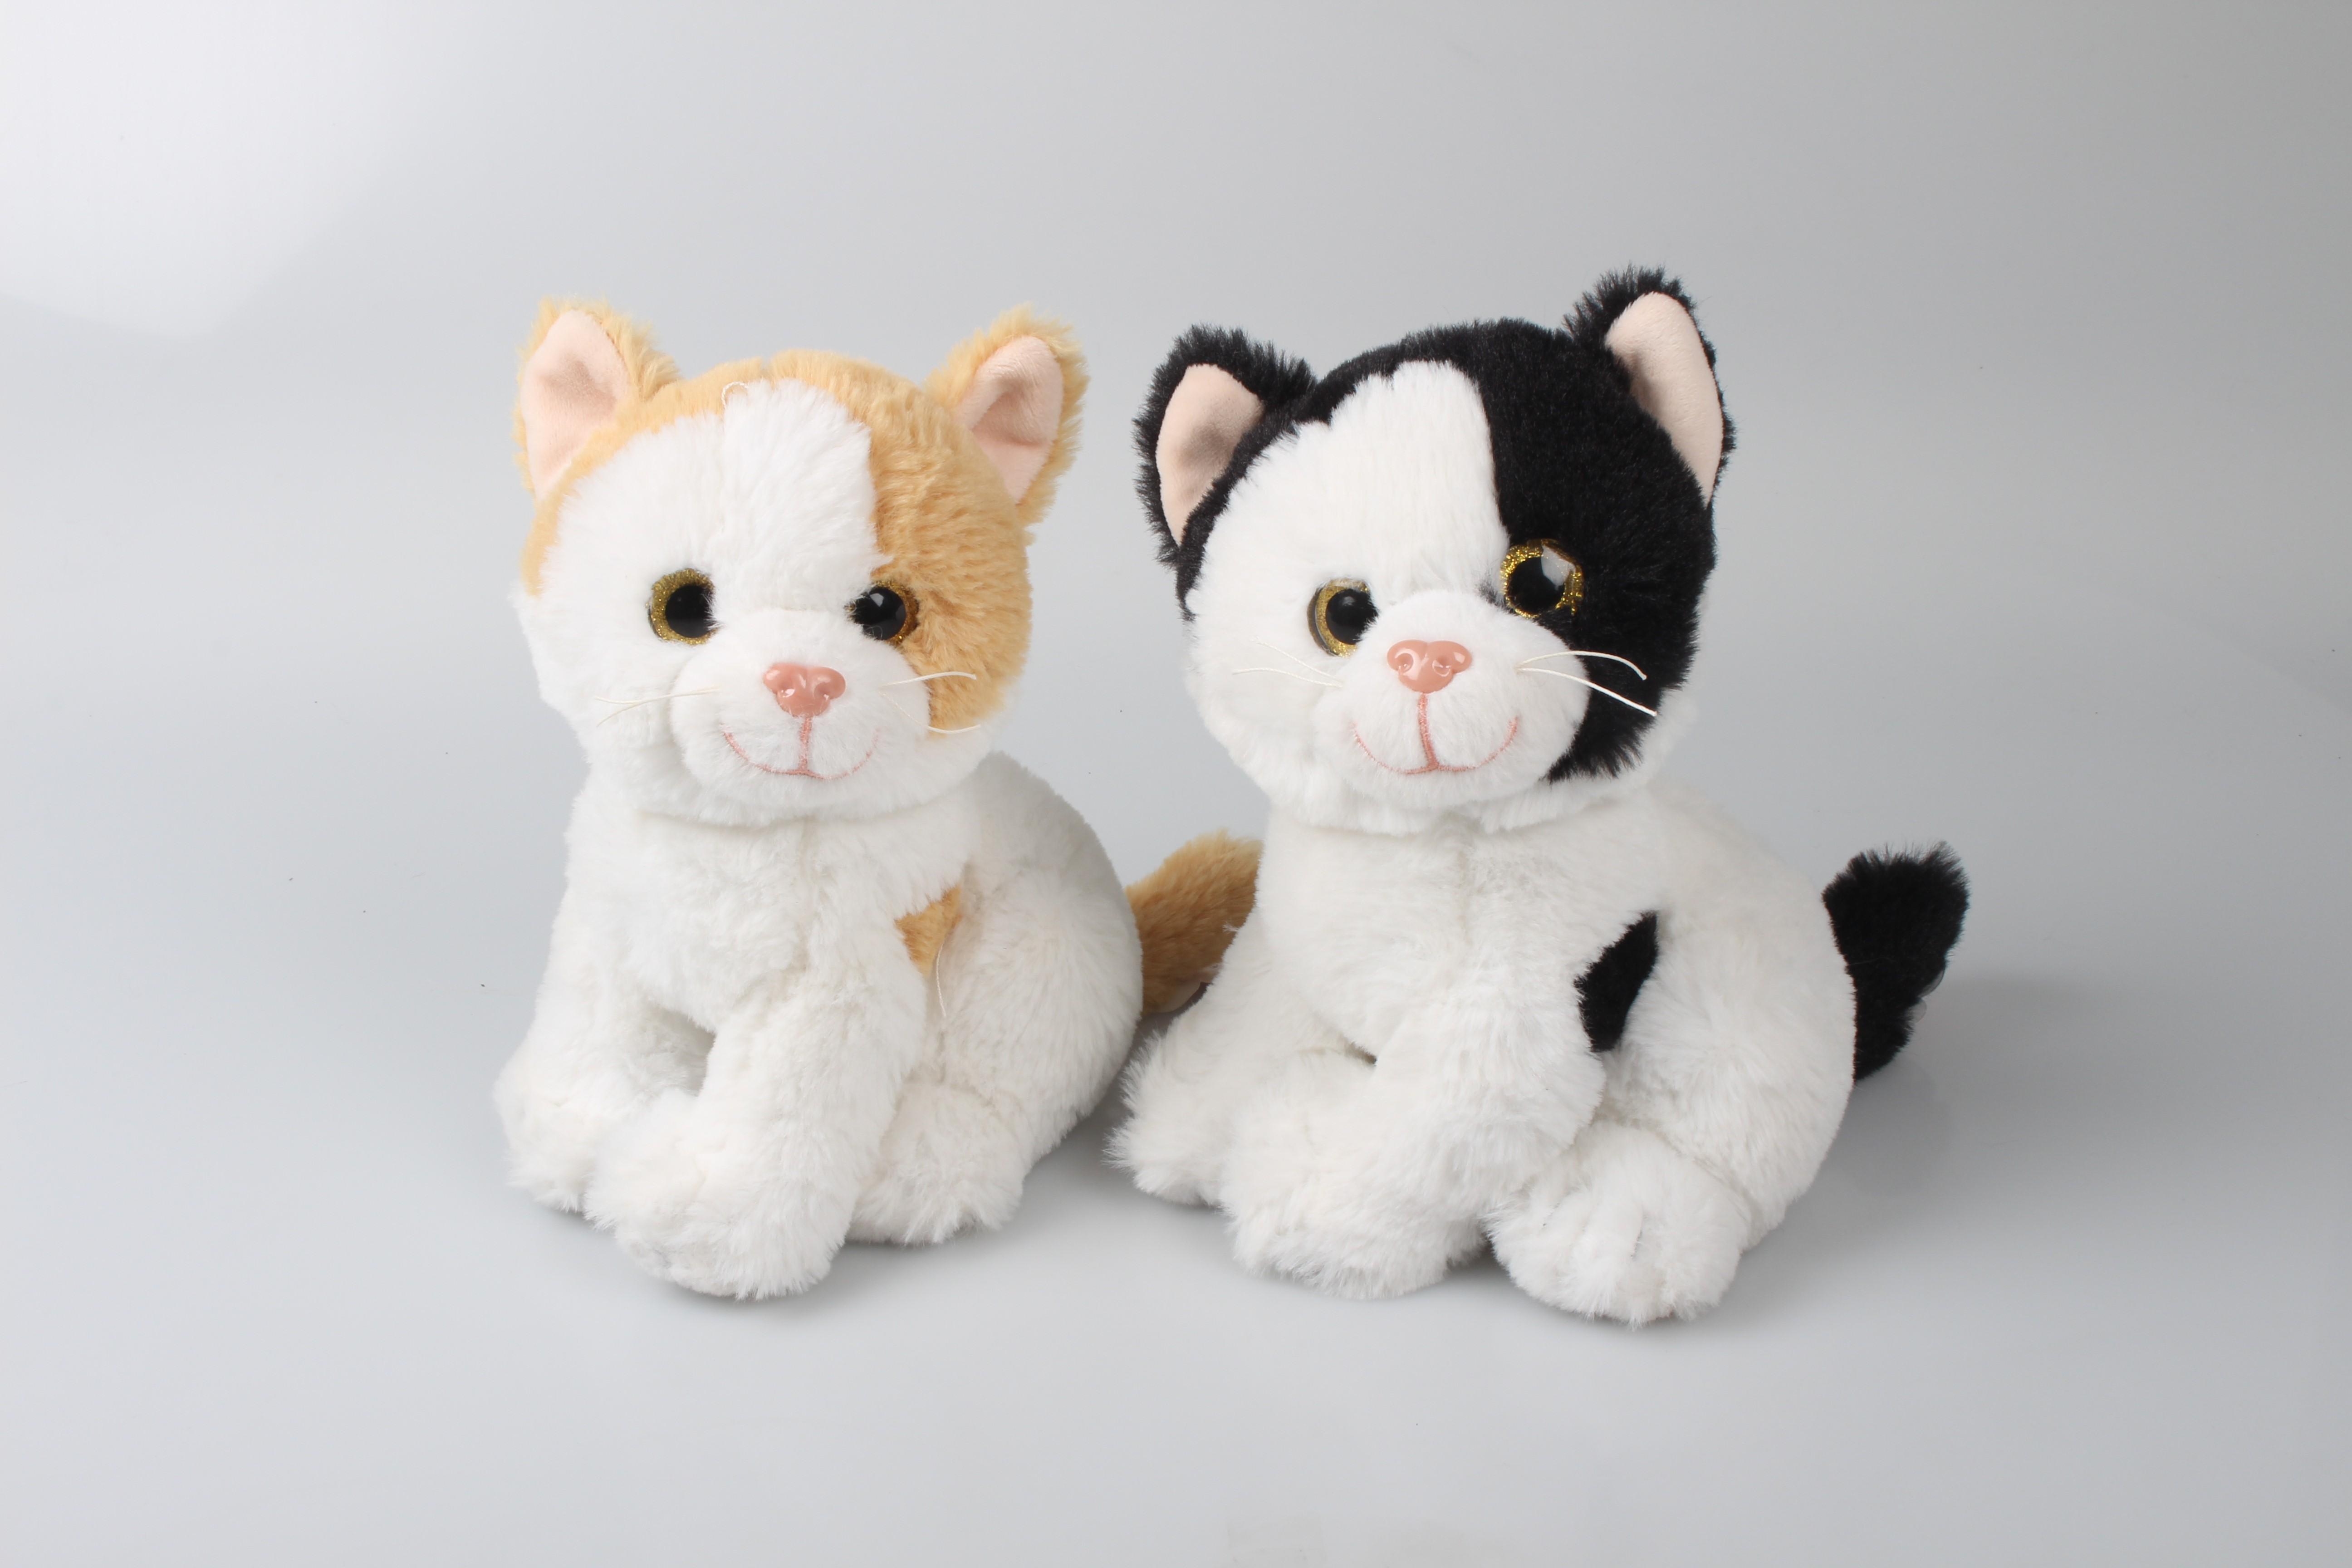 Kass istuv sädelevate silmadega, 22cm